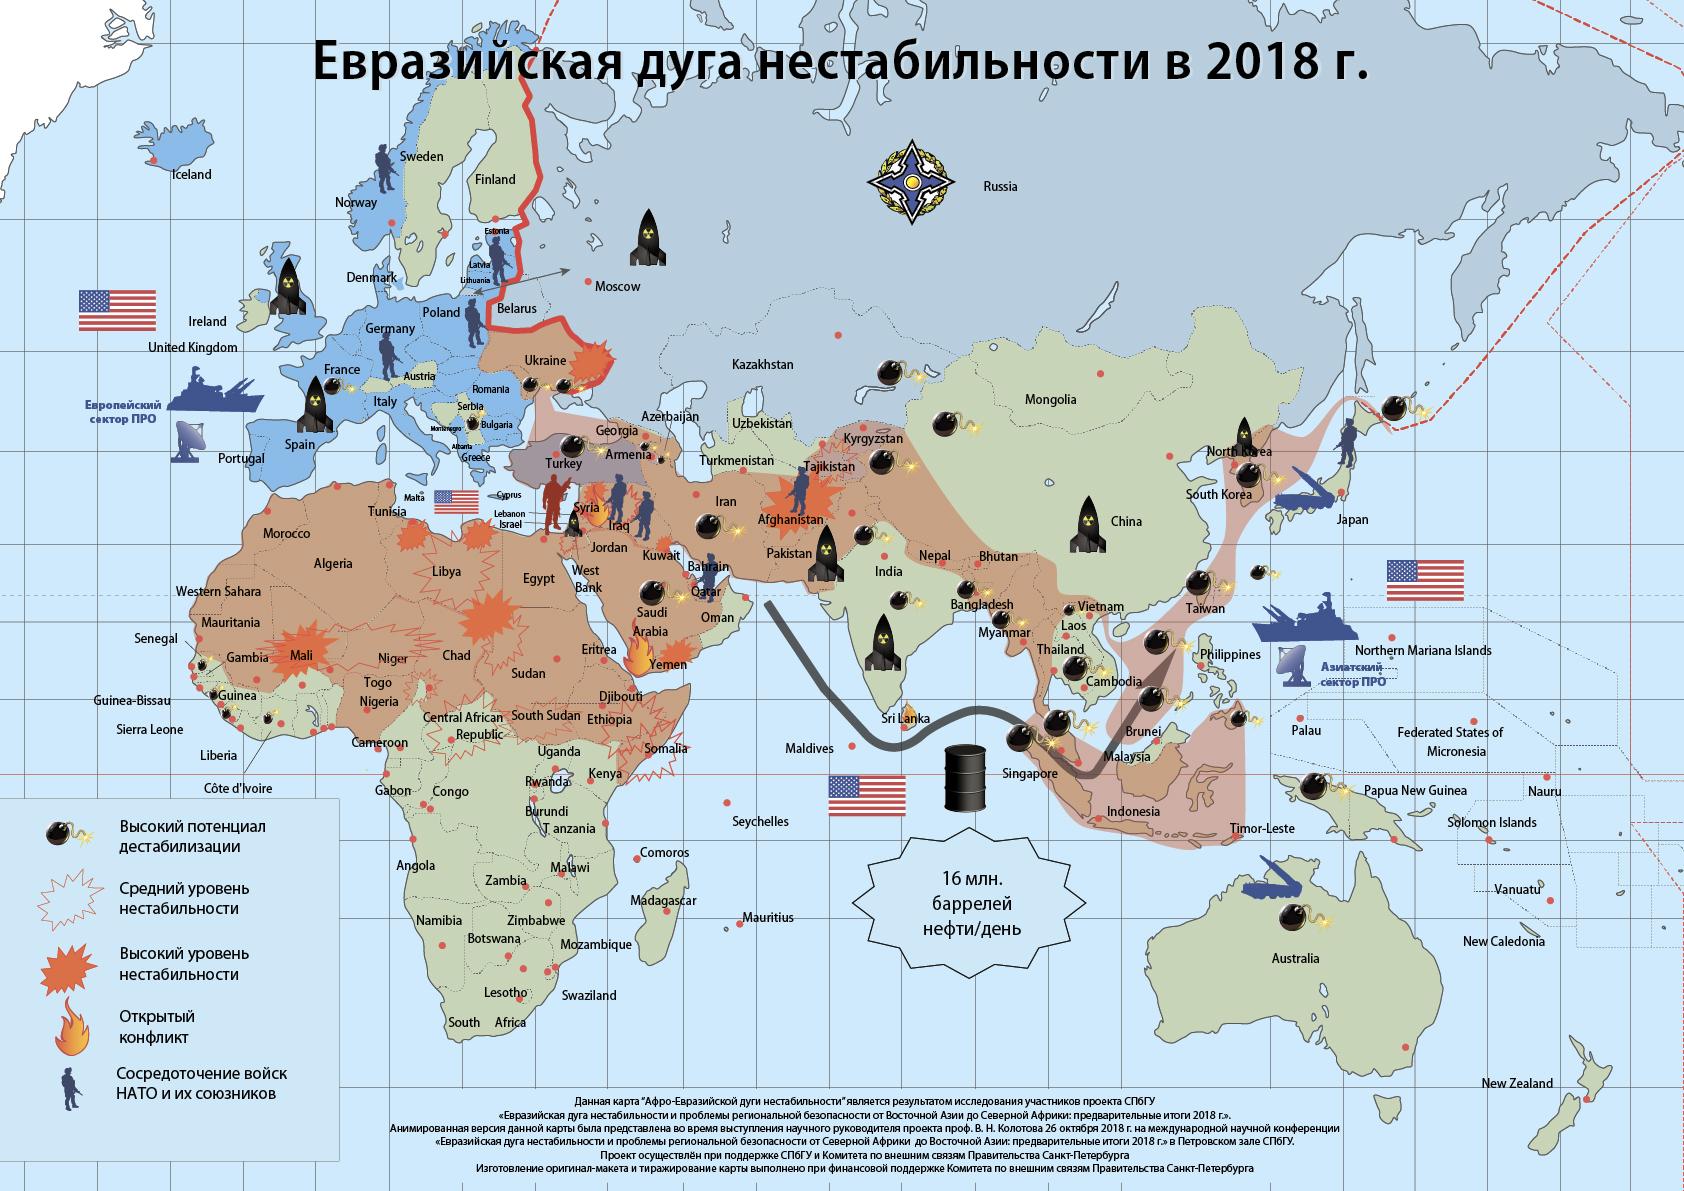 IX международная конференция «Евразийская дуга нестабильности и современная ситуация на её восточноазиатском фланге»